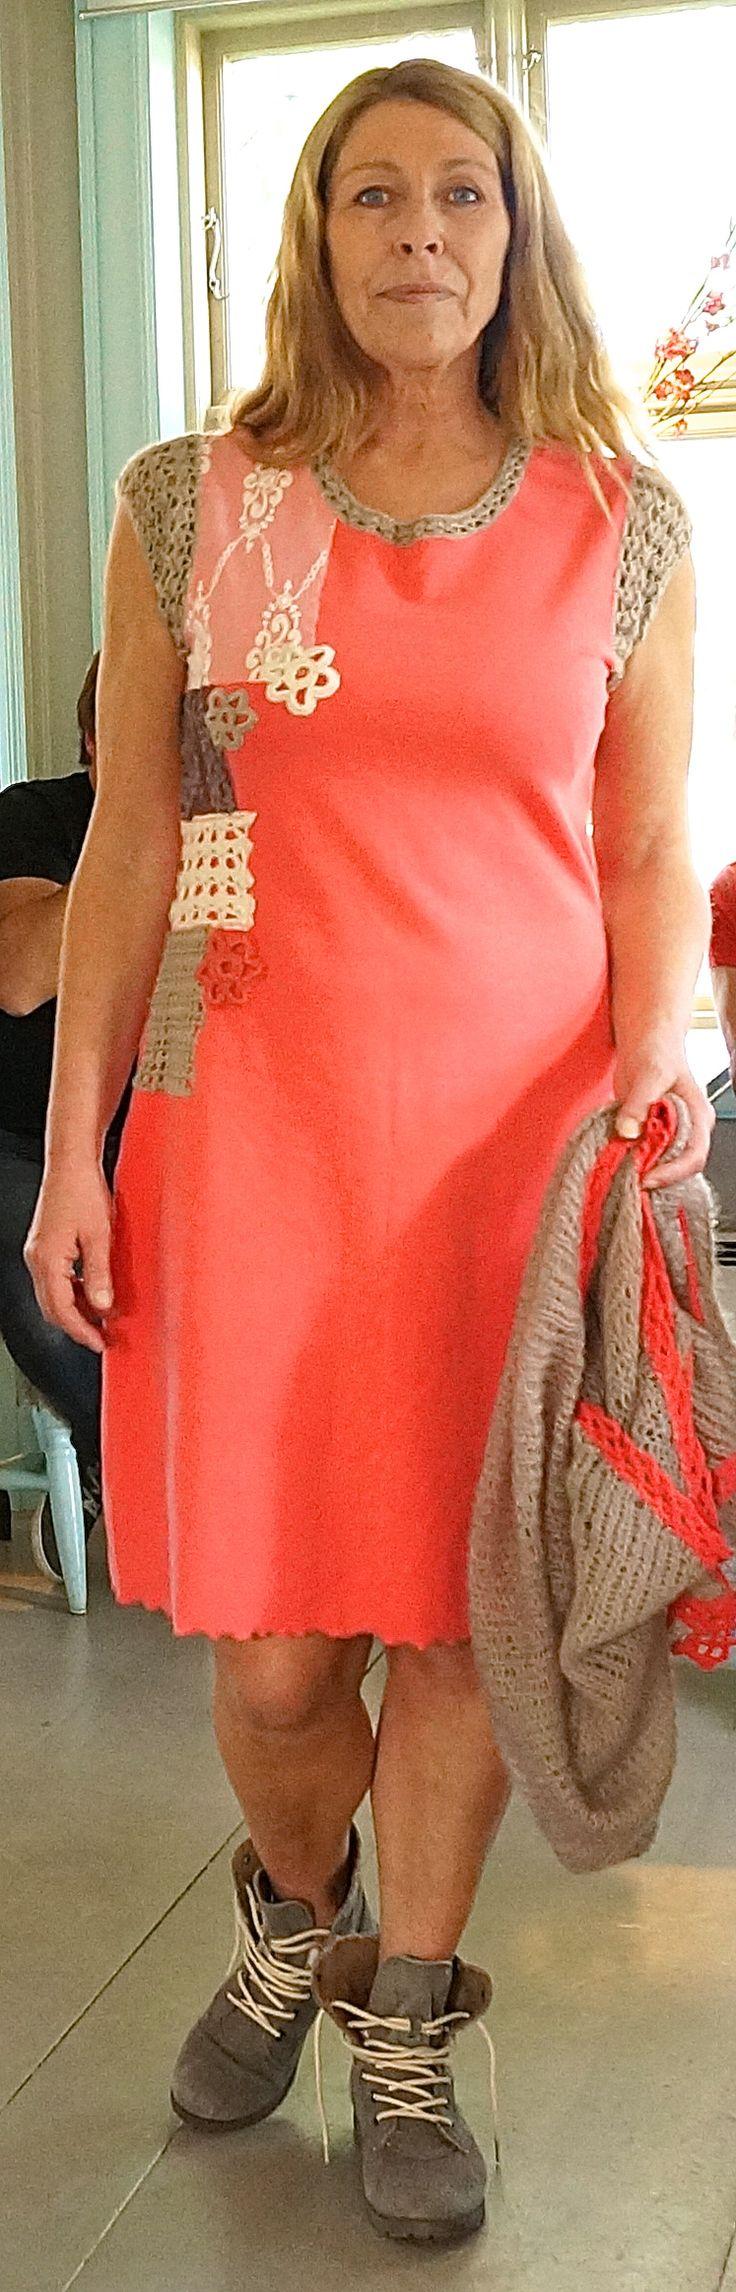 Håndlaget og egendesignet. Også med egendesignet sjal som matcher kjolen.